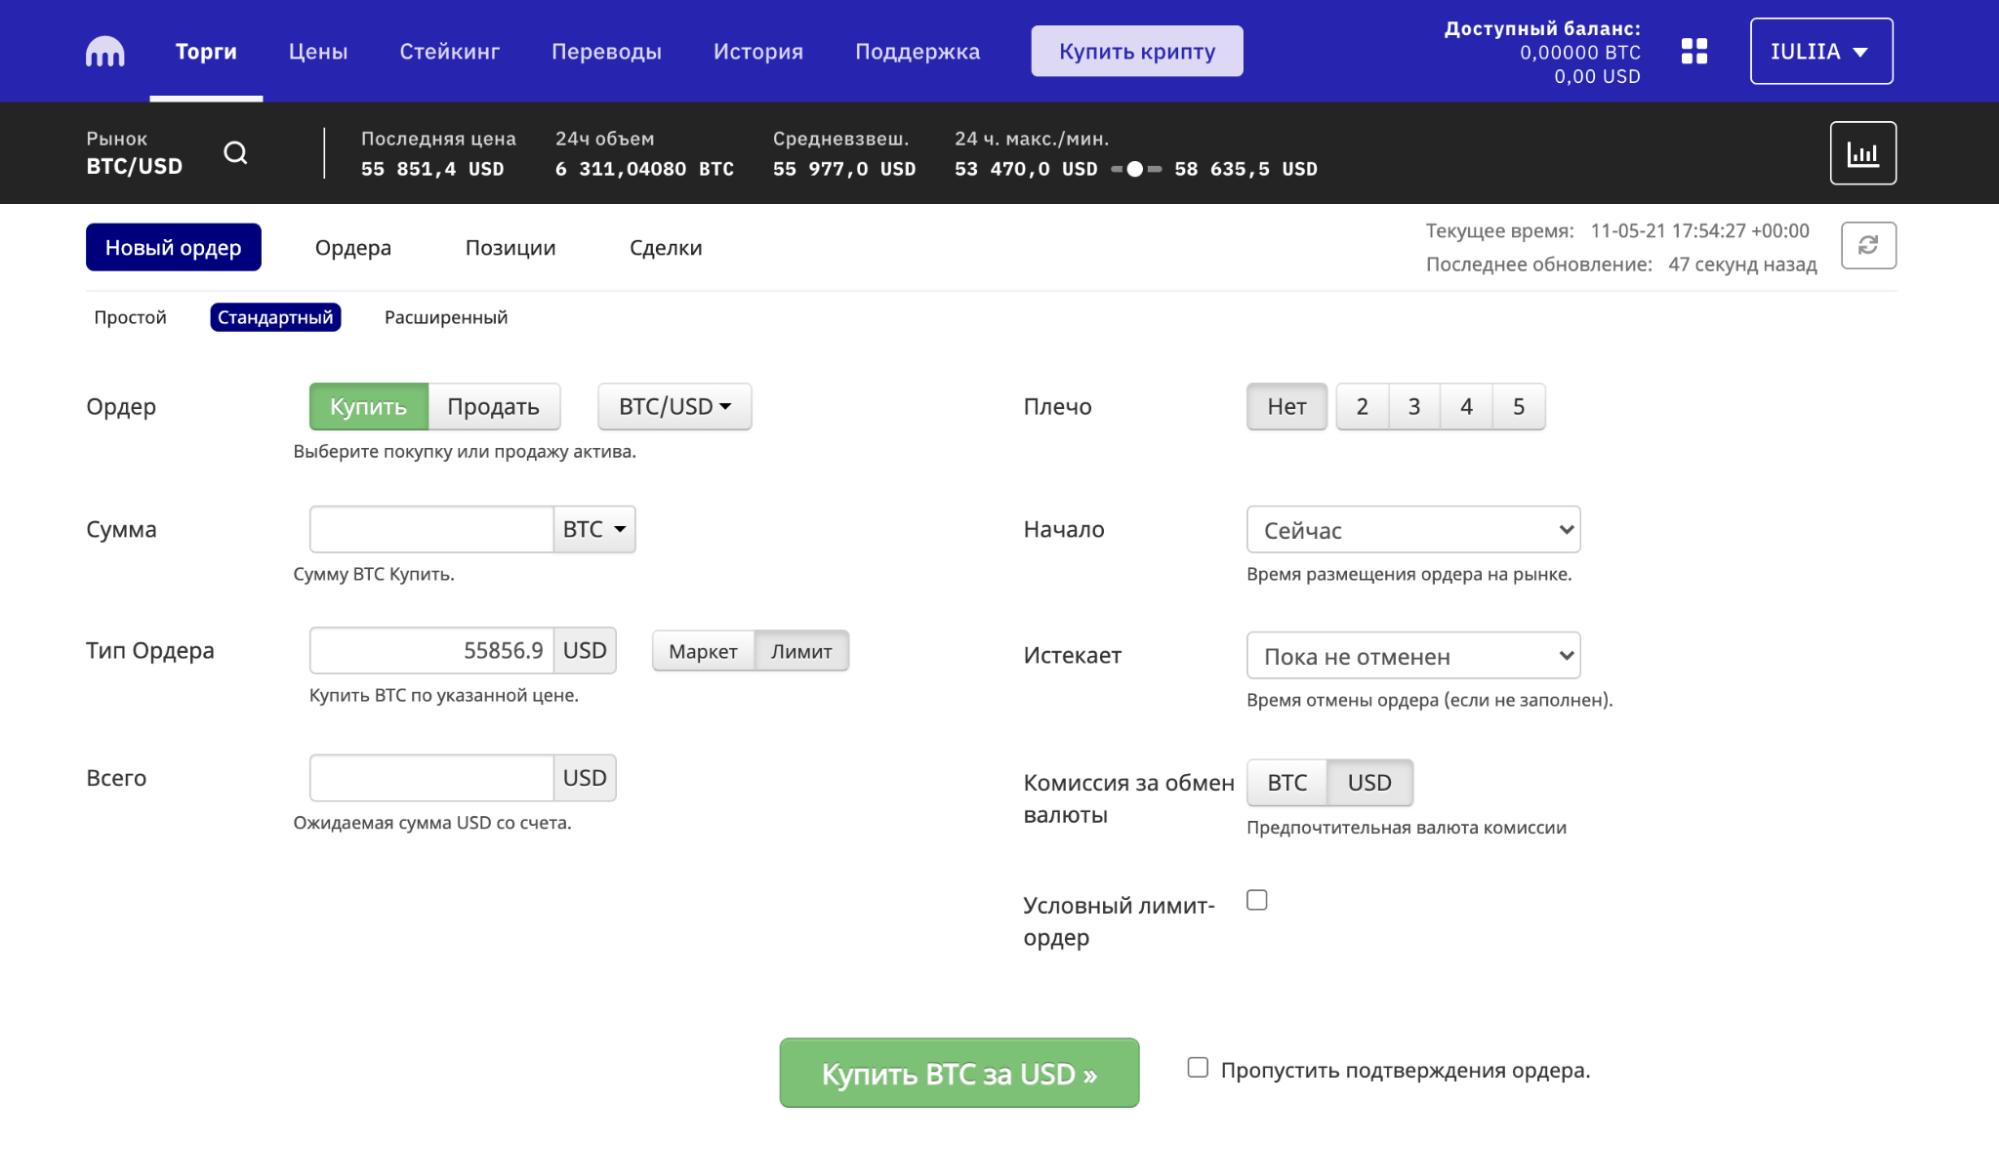 Кракен - стандартный торговый интерфейс на русском языке